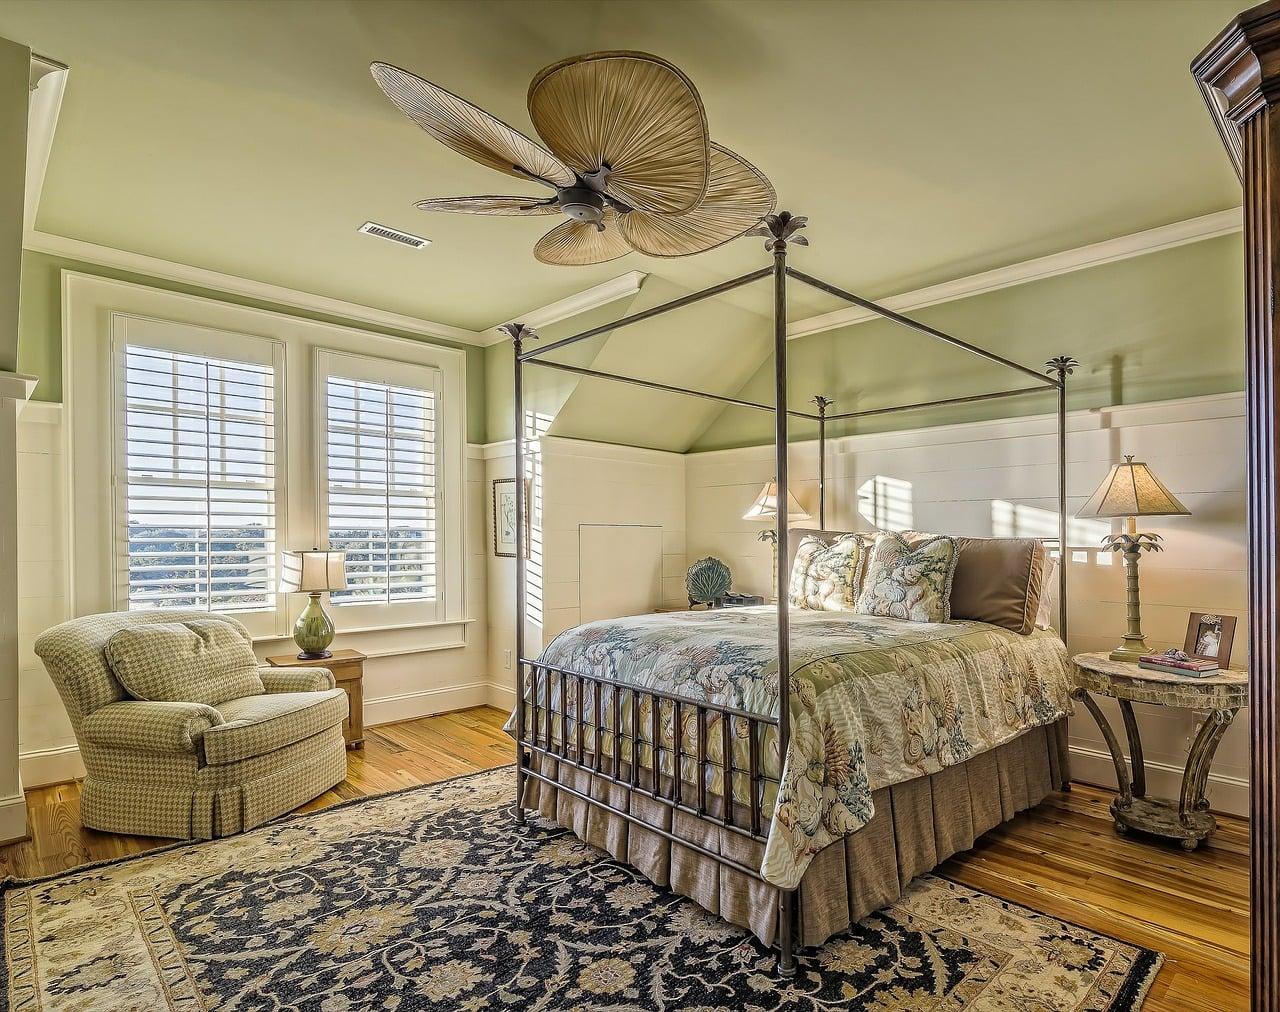 Comment Avoir Une Chambre Propre quel statut pour votre chambre d'hôte?